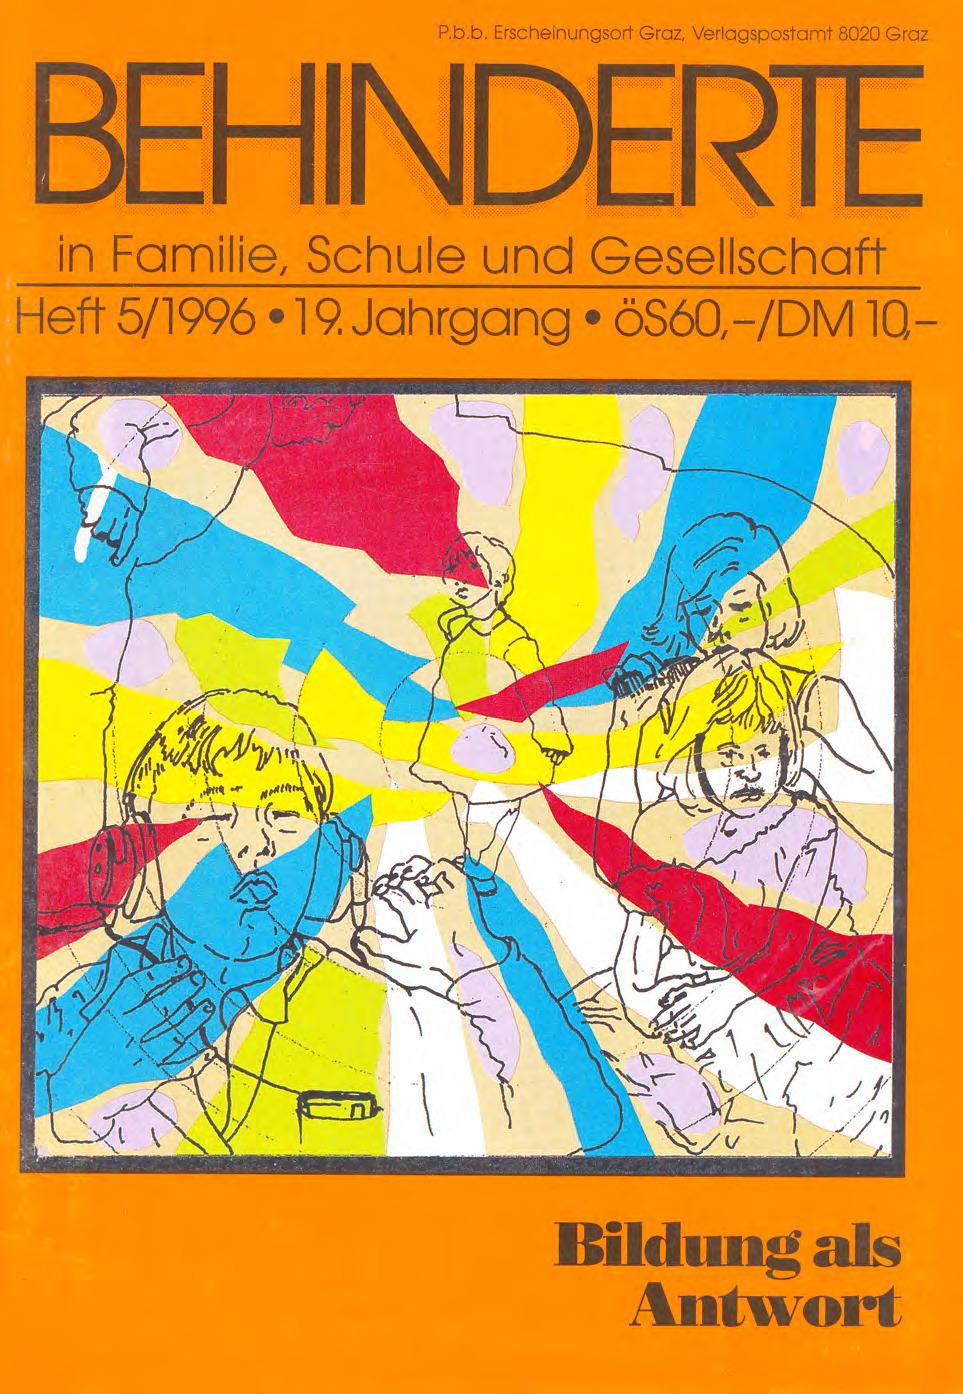 """Titelbild der Zeitschrift BEHINDERTE MENSCHEN, Ausgabe 5/1996 """"Bildung als Antwort"""""""